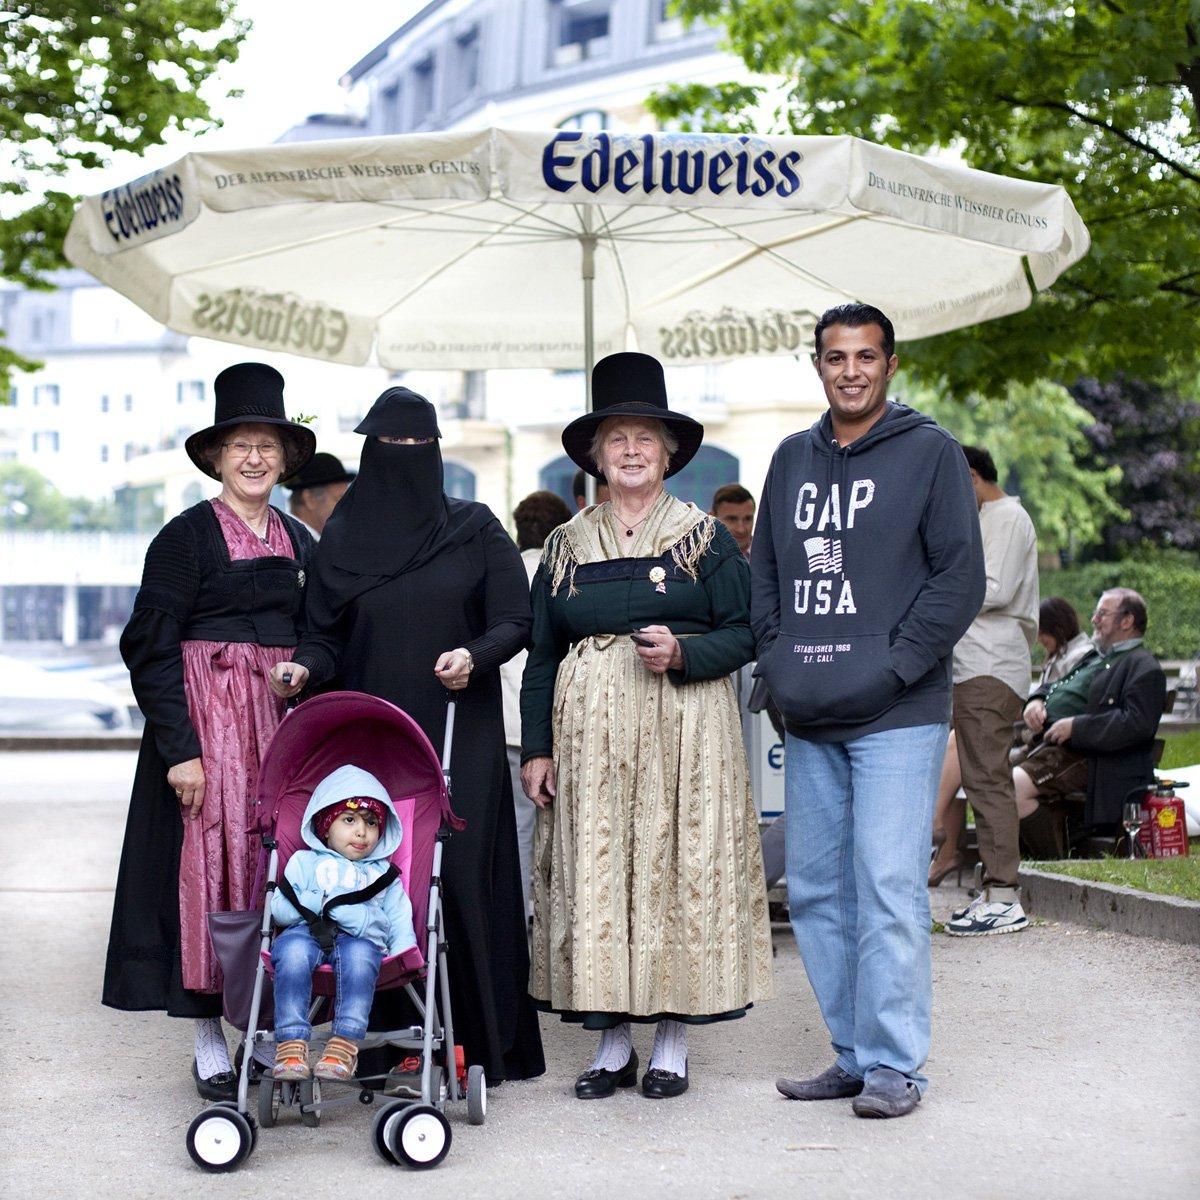 Turistas do Oriente Médio invadem cidade idílica alpina para escapar do calor do verão escaldante 08